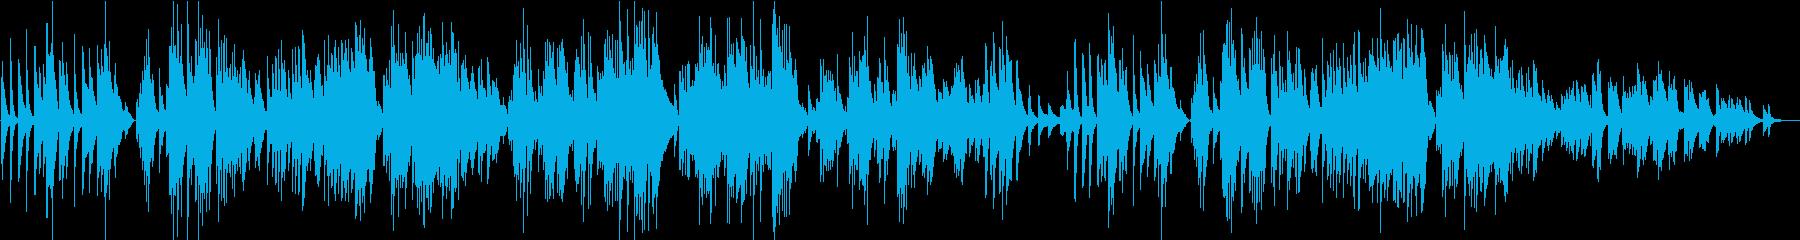 10月 秋の歌/チャイコフスキー・アコギの再生済みの波形